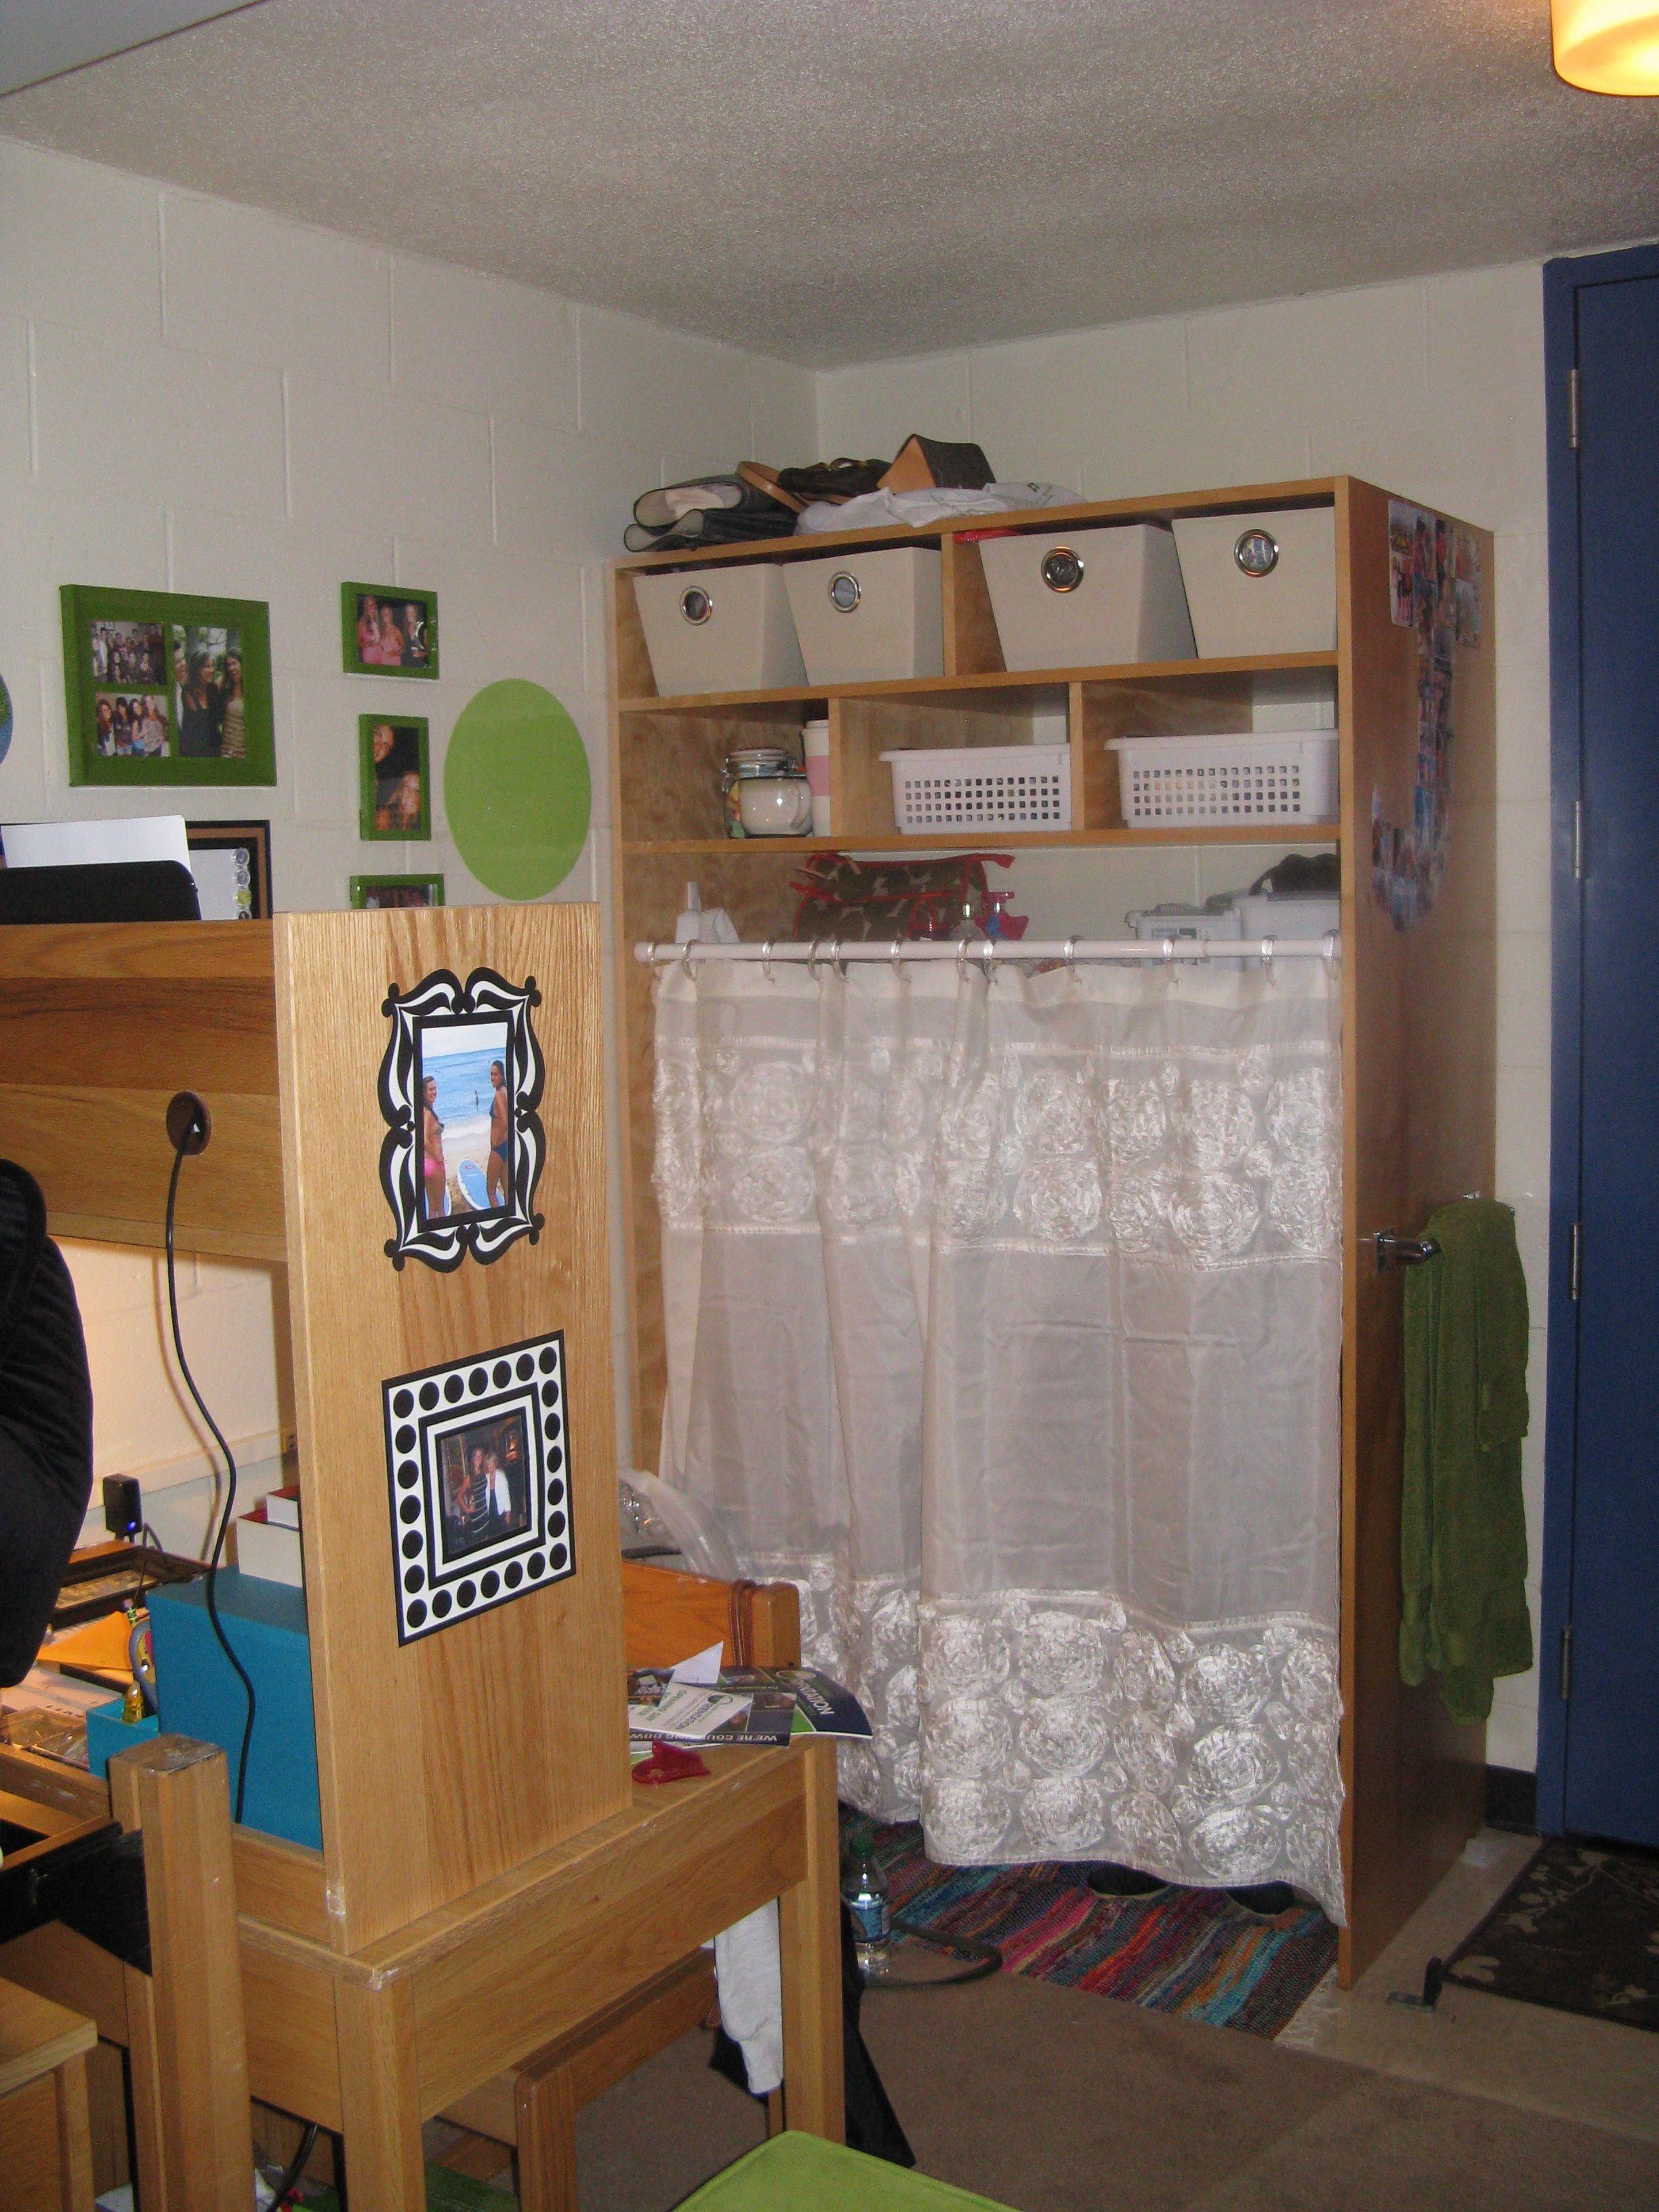 dorm room curtain ideas